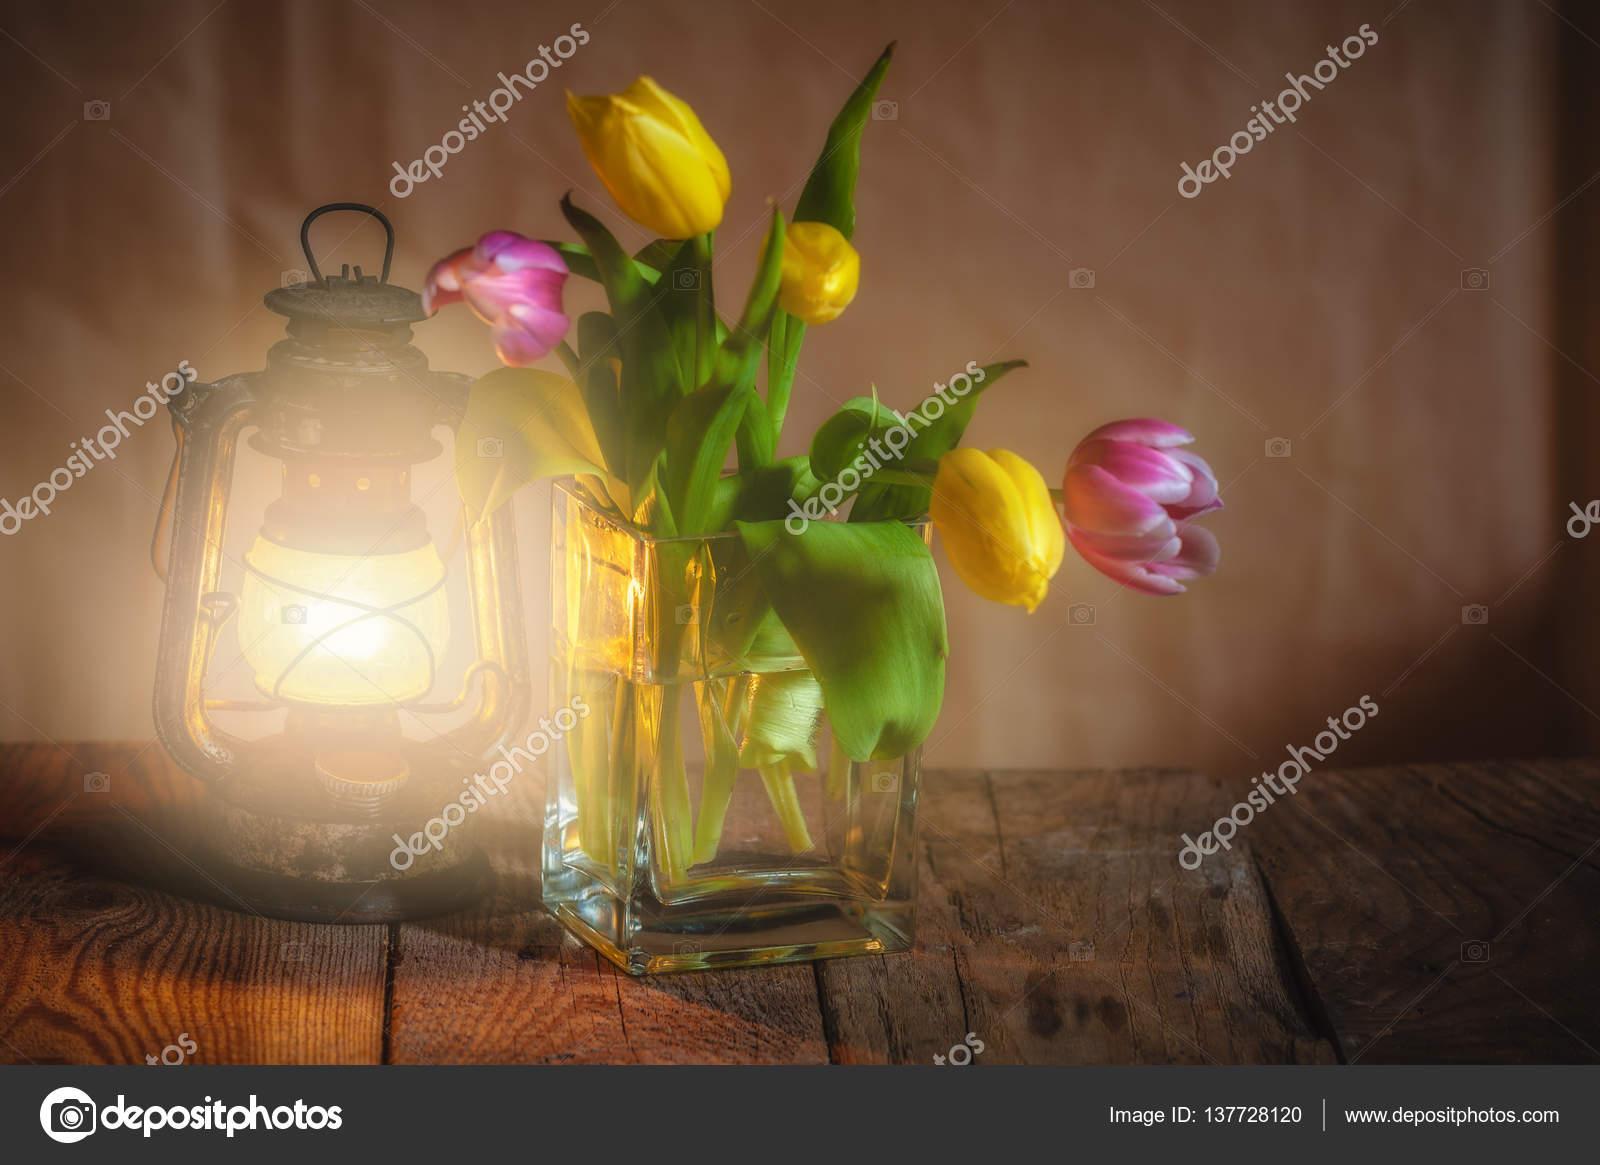 Lampada Fiore Tulipano : Bouquet di tulipani a lampada accesa su un tavolo in legno u2014 foto